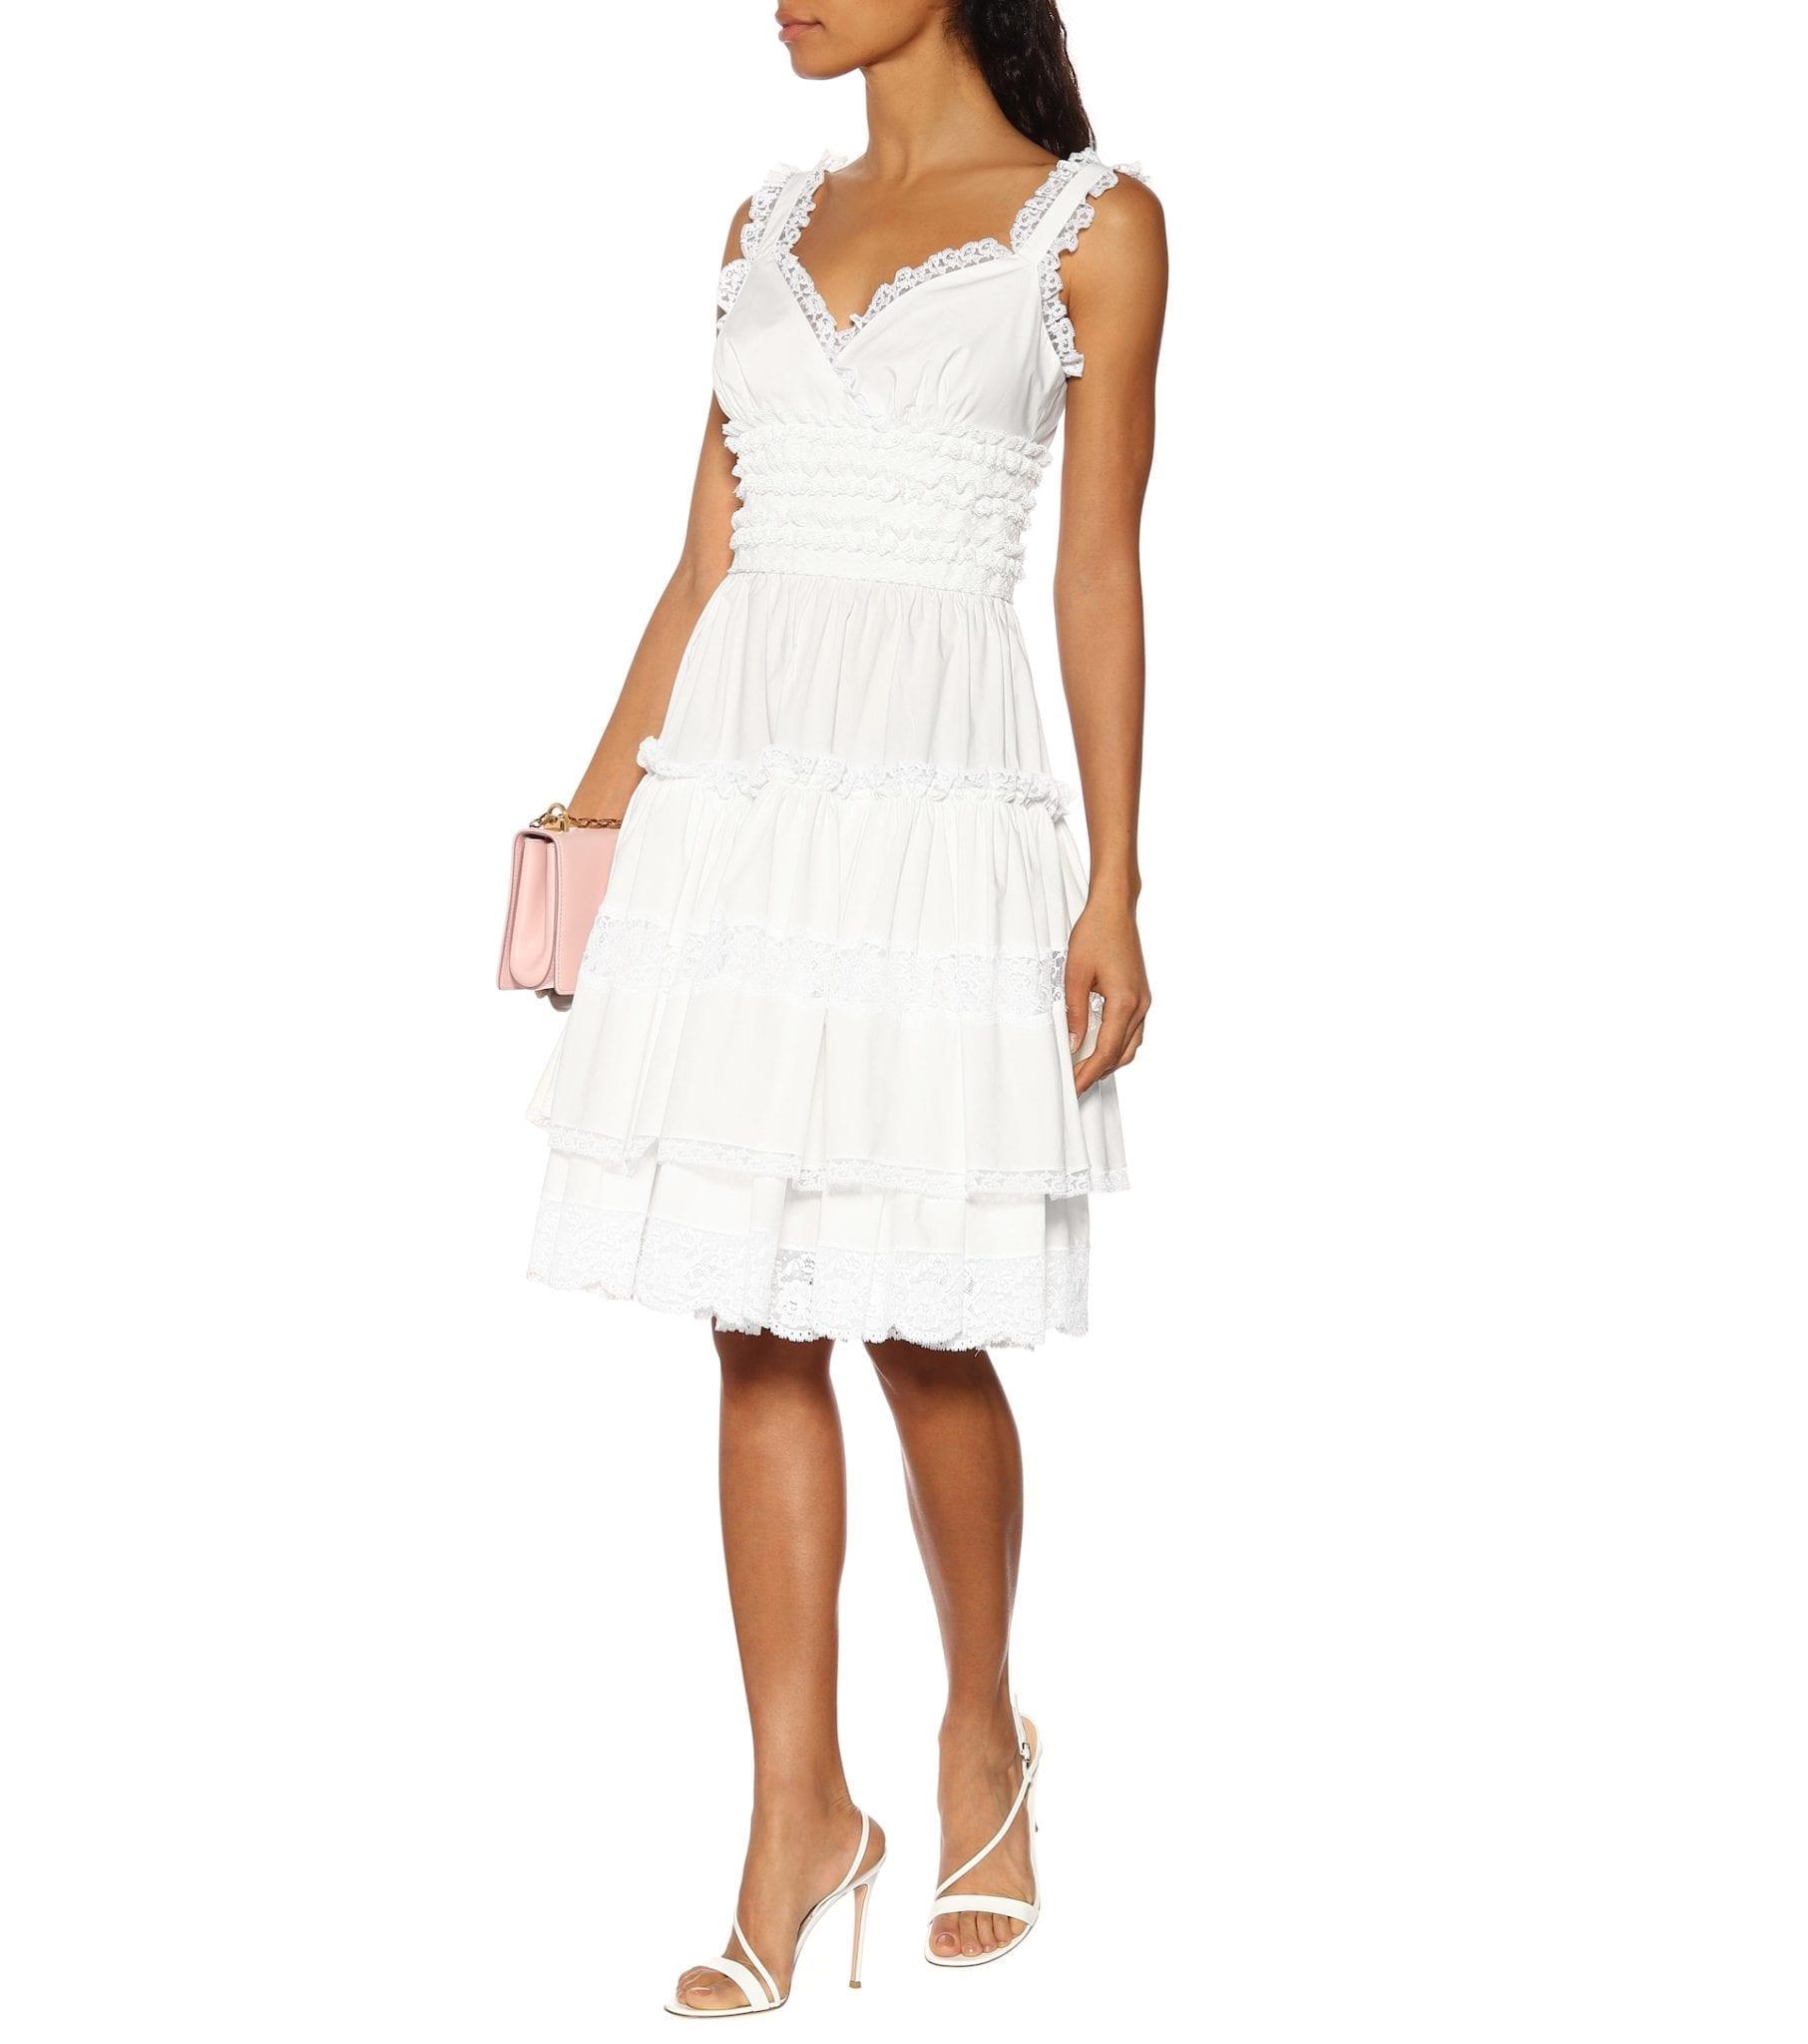 ec29ca4a3d DOLCE & GABBANA Lace-Trimmed Cotton Mini White Dress - We Select Dresses